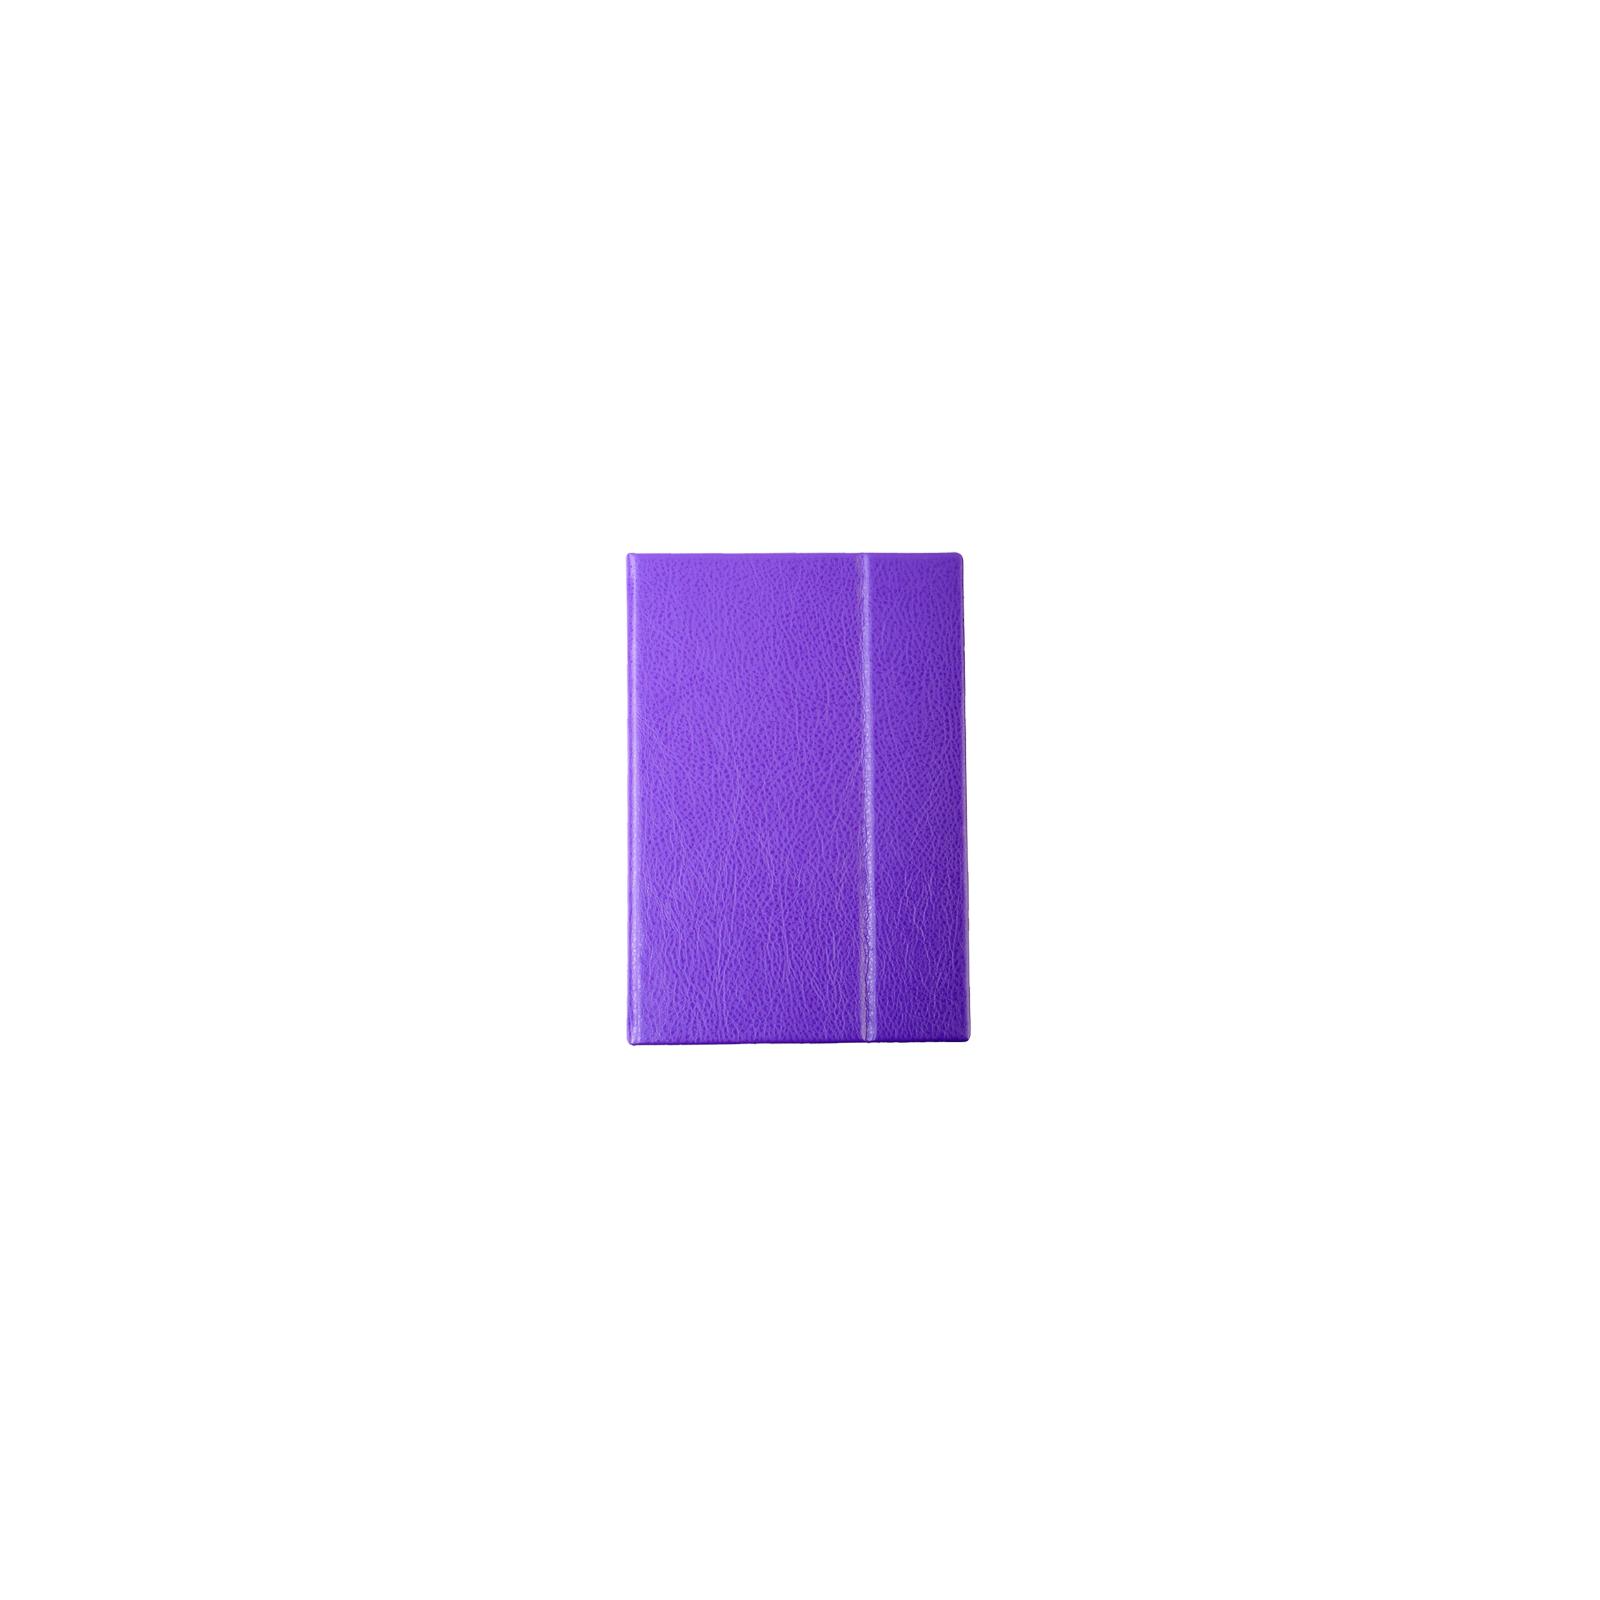 Чехол для планшета Vento 9 Desire Bright - purple изображение 2